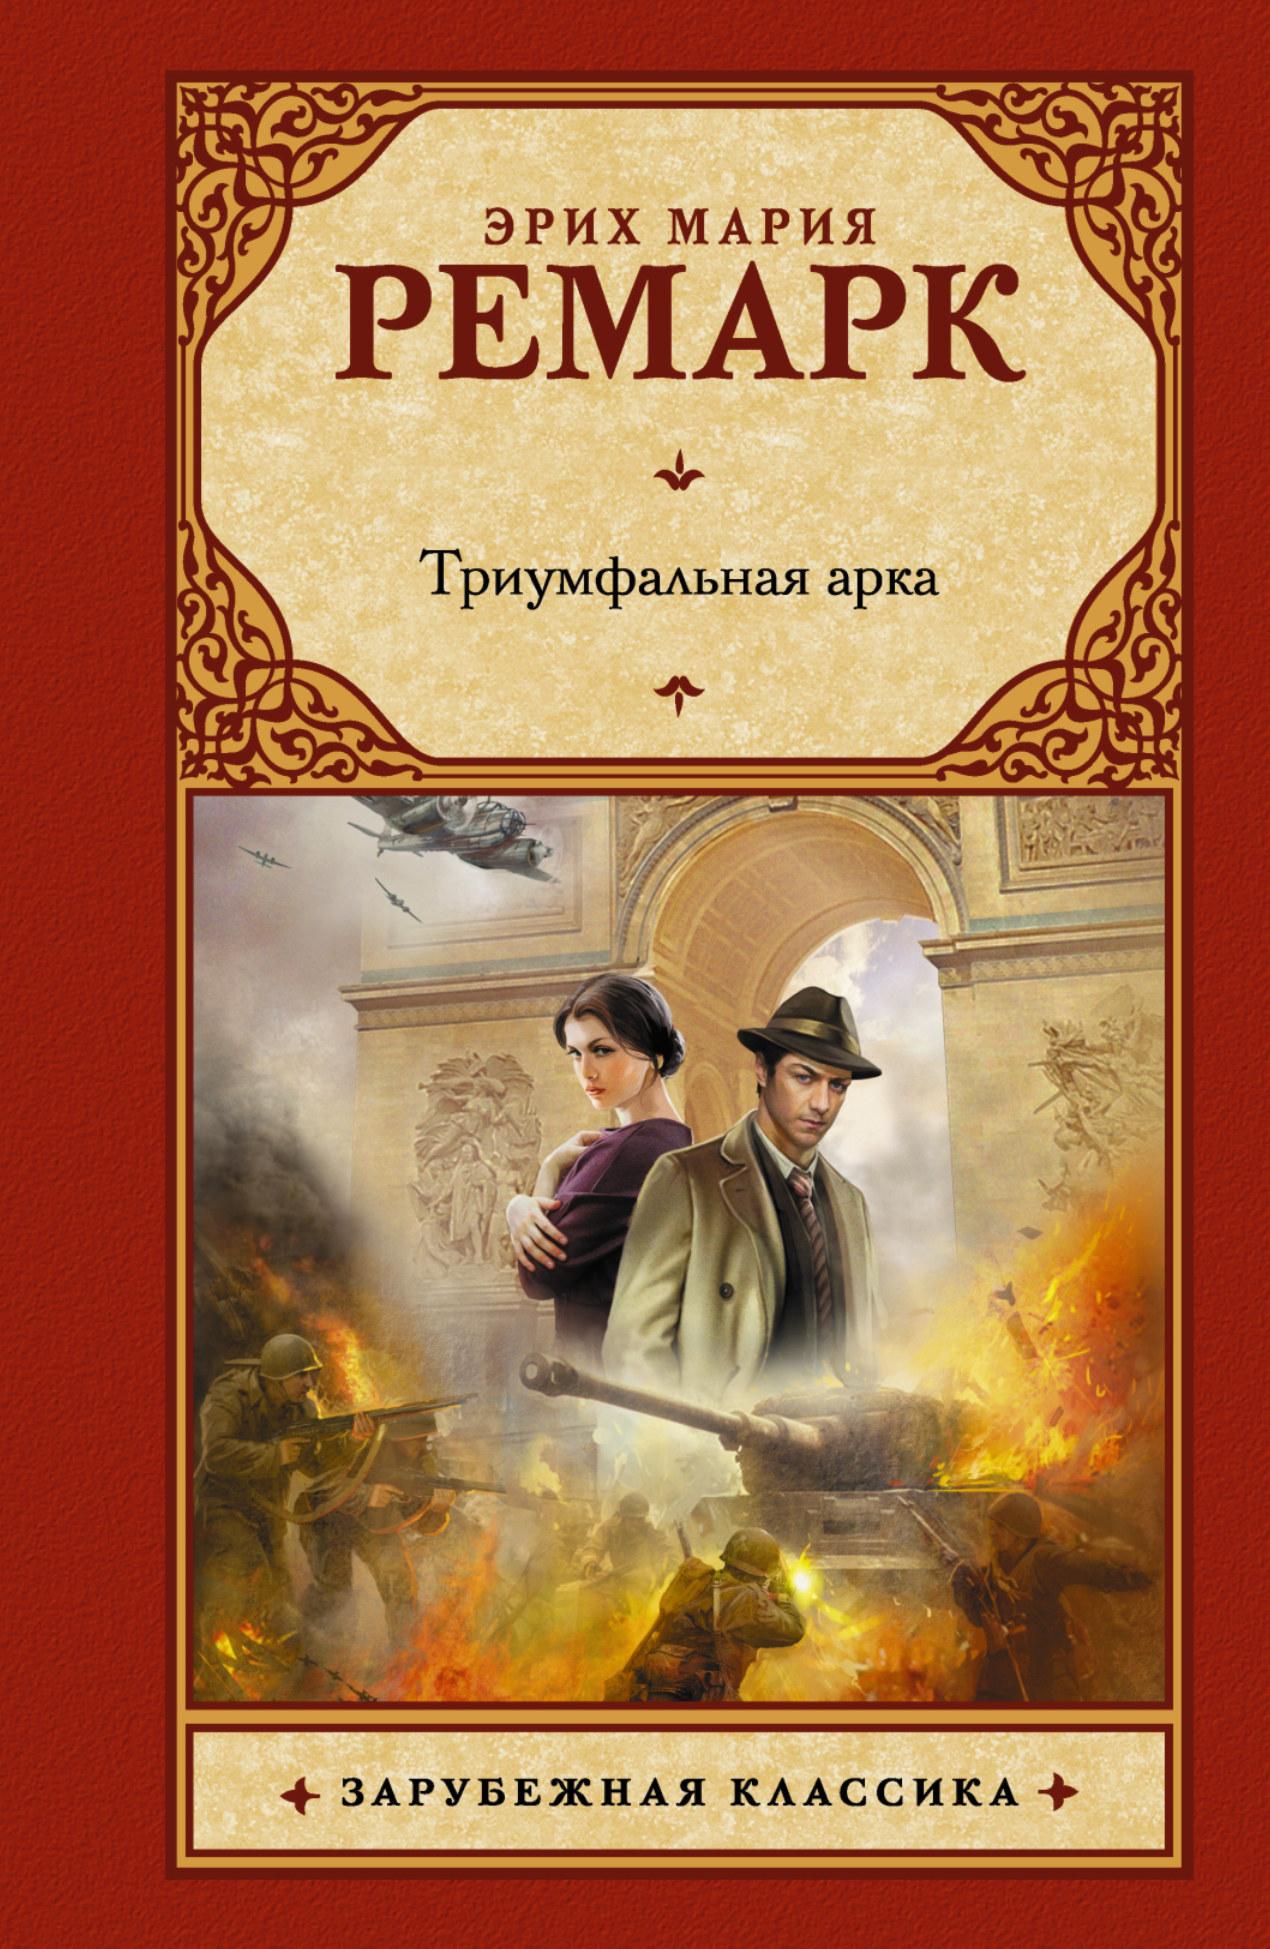 Эрих Мария Ремарк Триумфальная арка эфраим баух эффект бабочки израиль – иран от мира – к войне от дружбы к ненависти